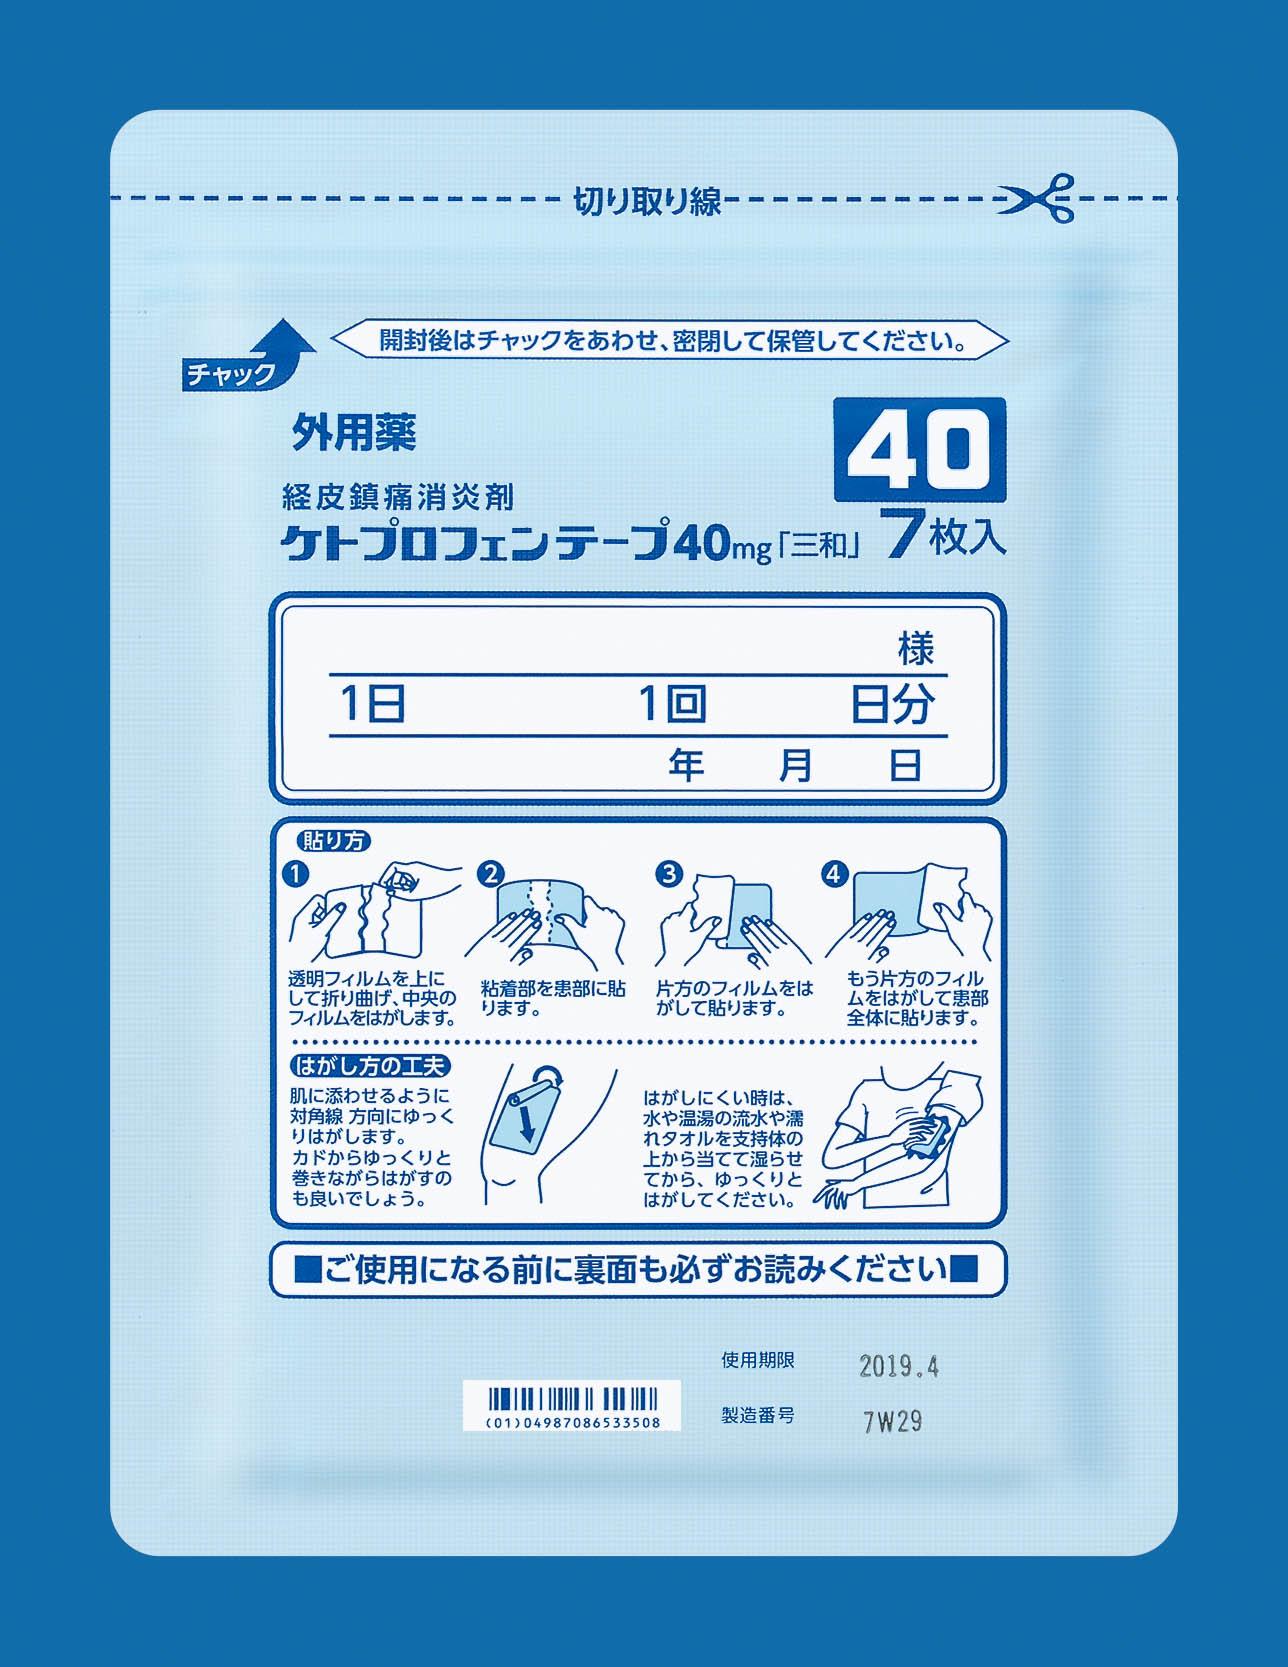 テープ 40mg ケトプロフェン